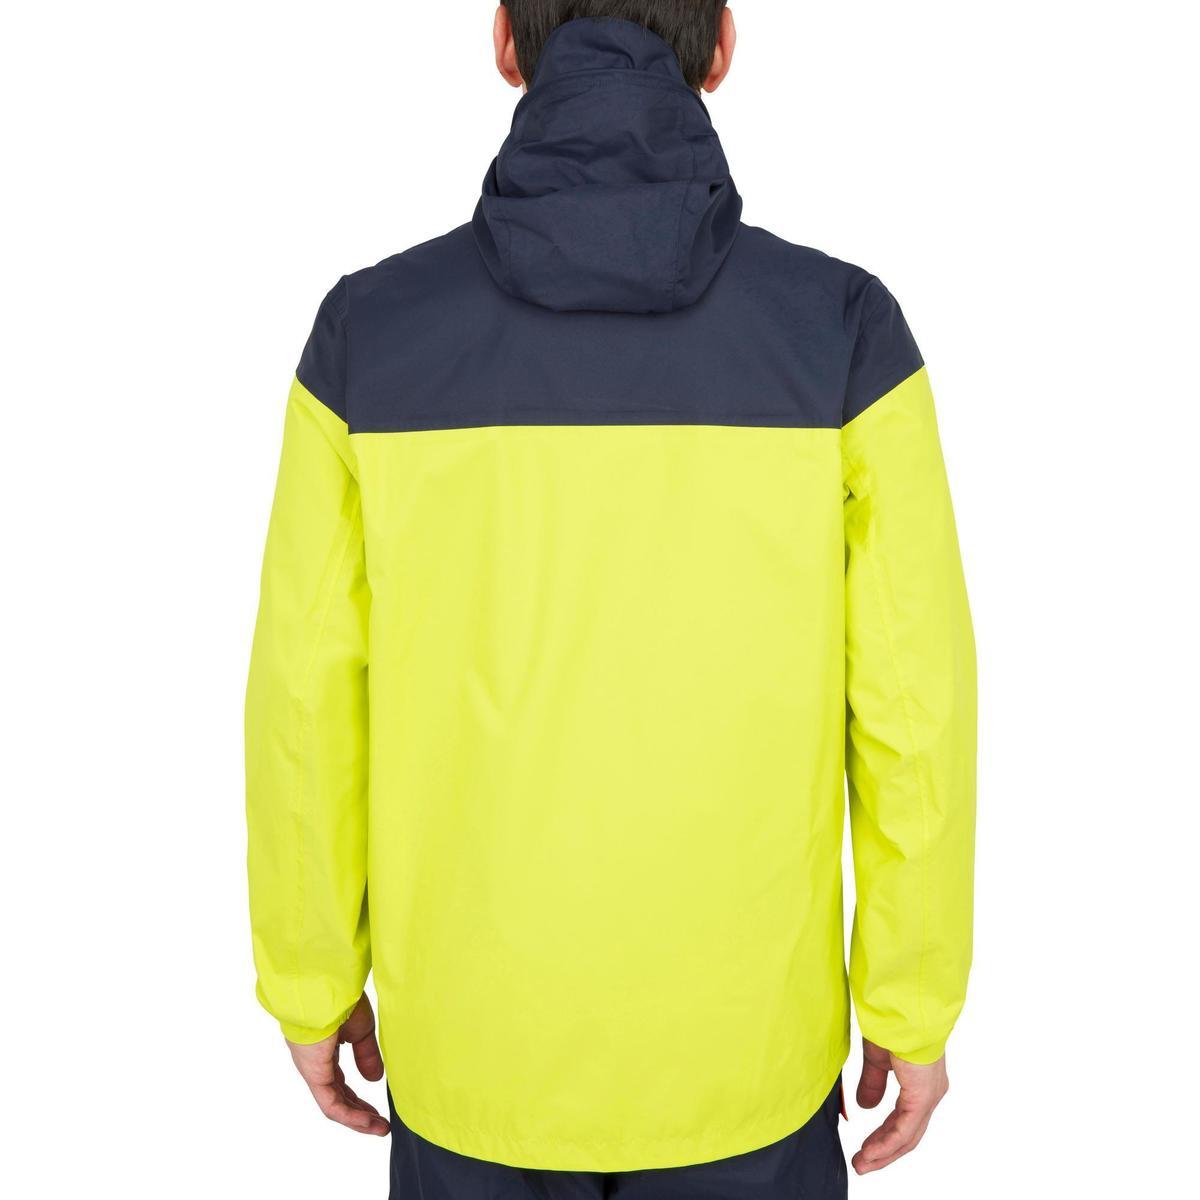 Bild 3 von Segeljacke wasserdicht Inshore 100 Herren gelb/blau